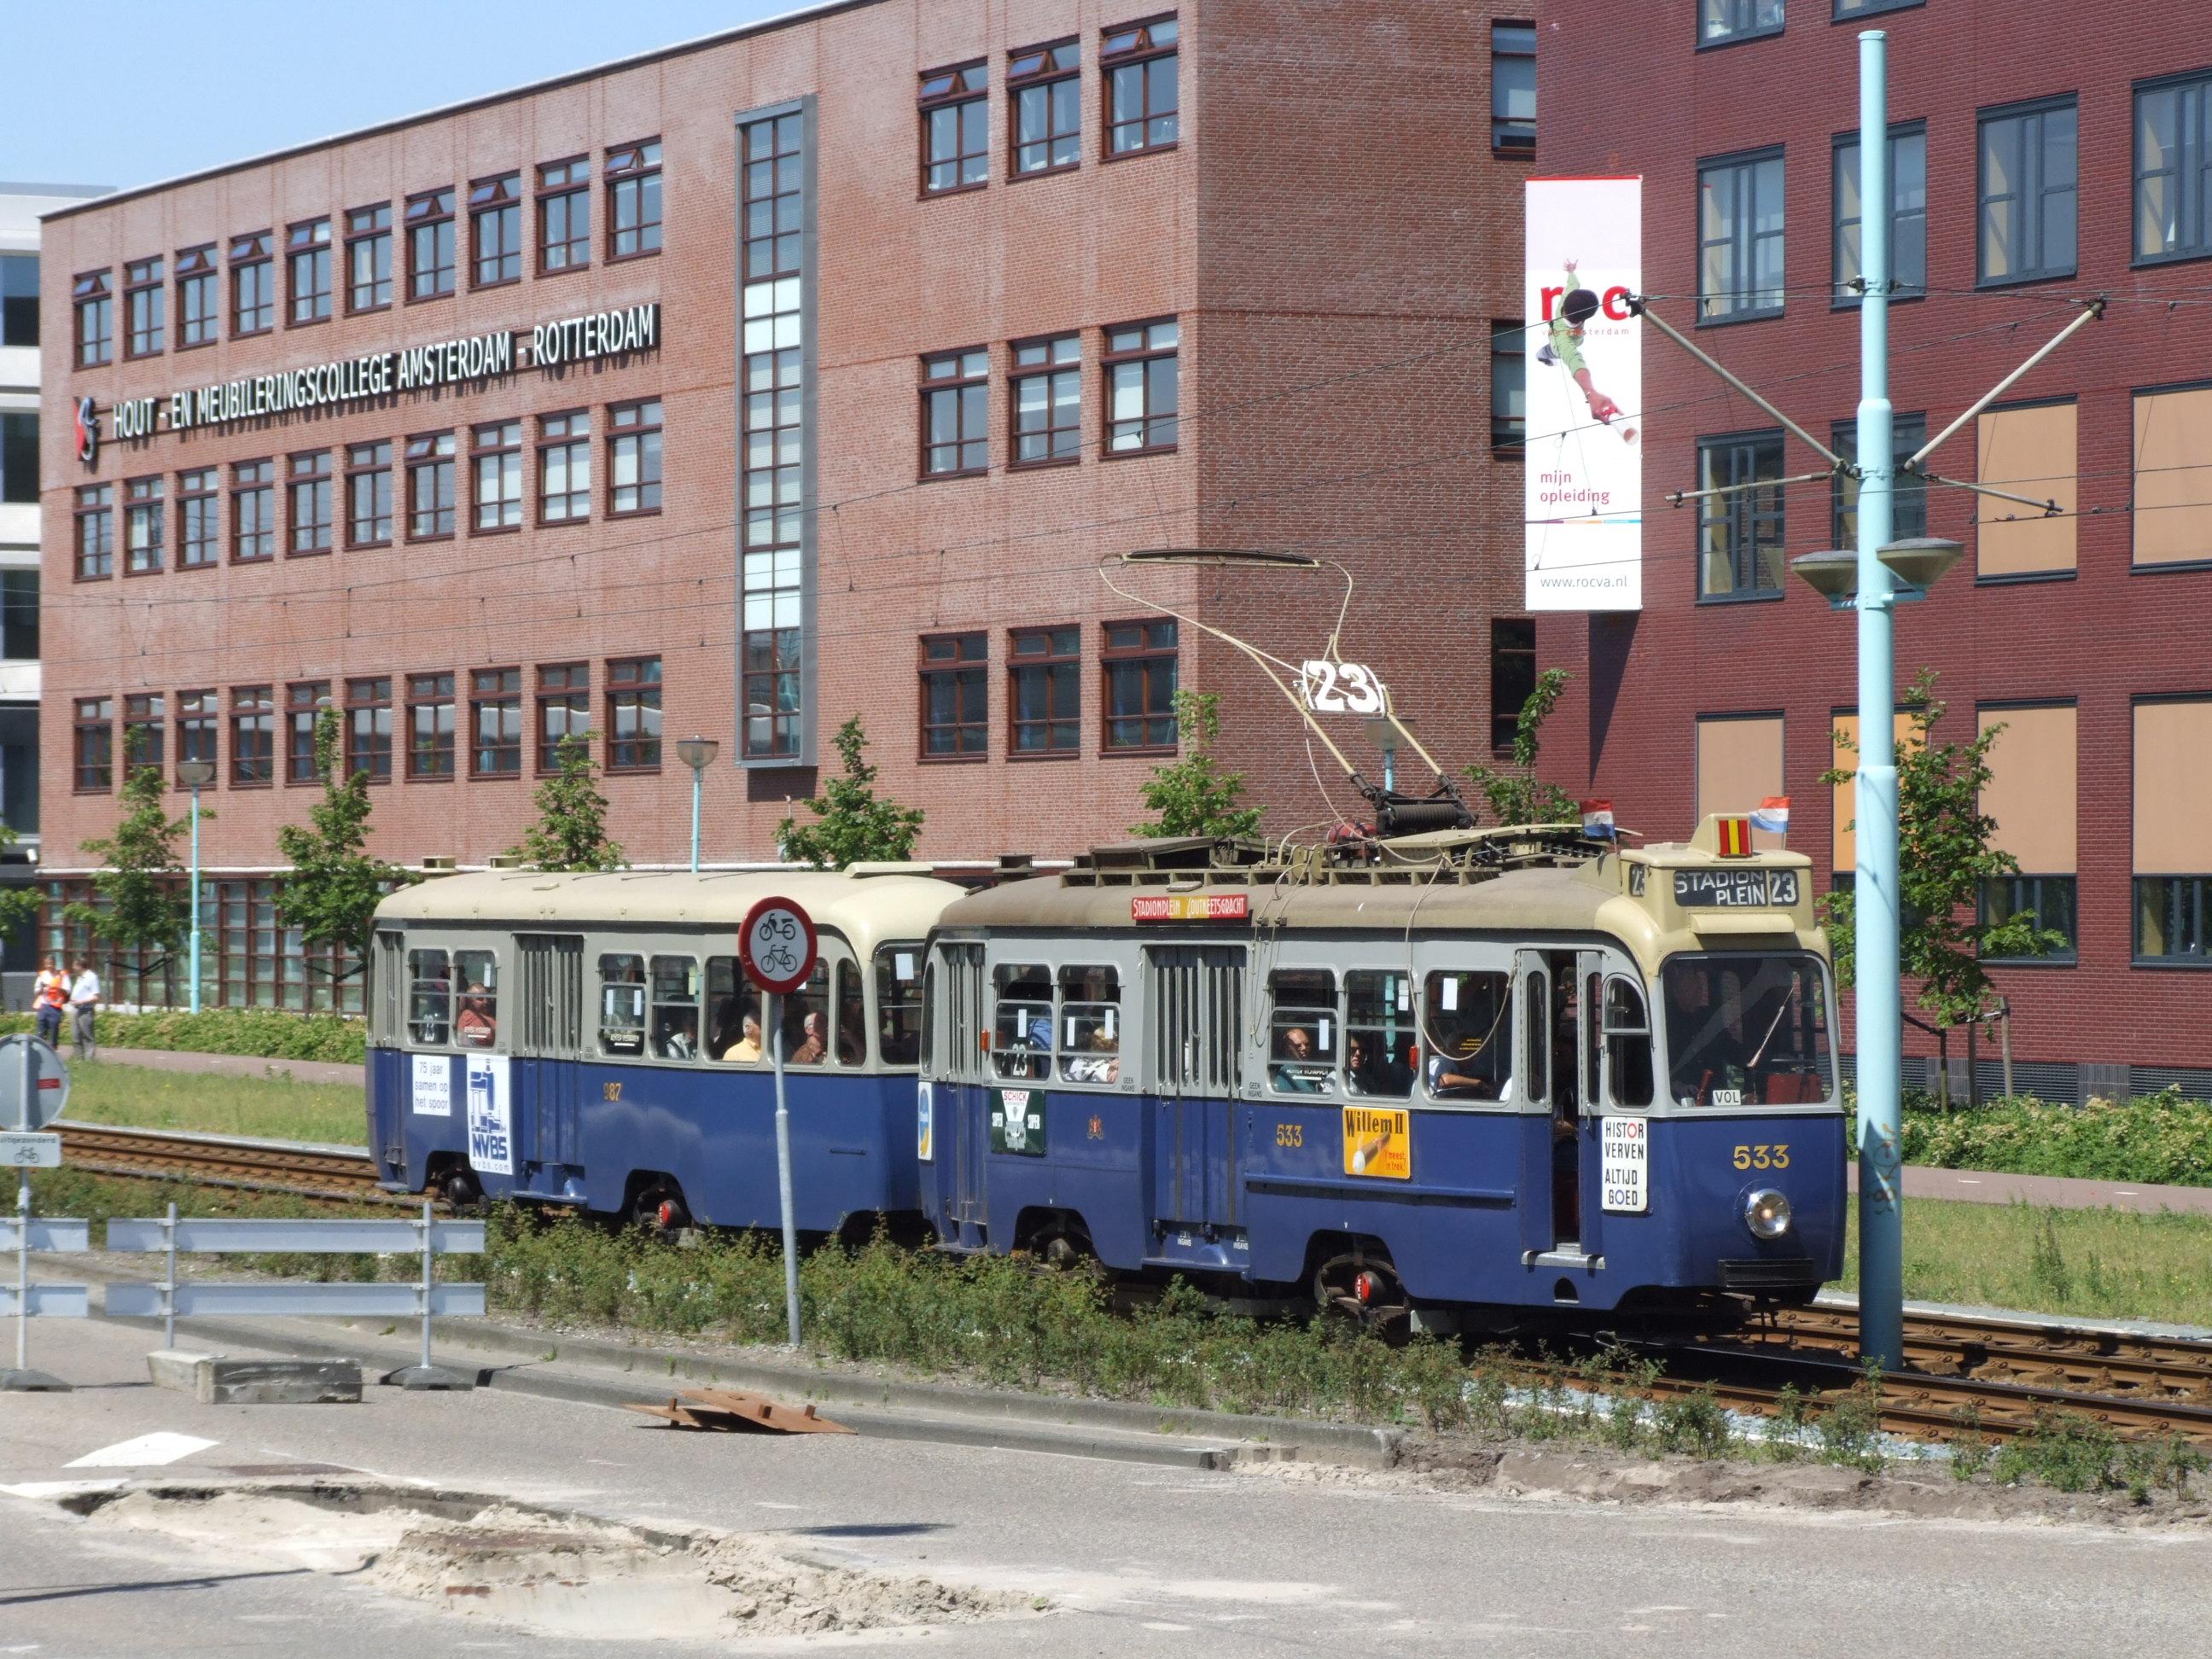 25: Brüssel (Brussels) 5008 - Radarweg.